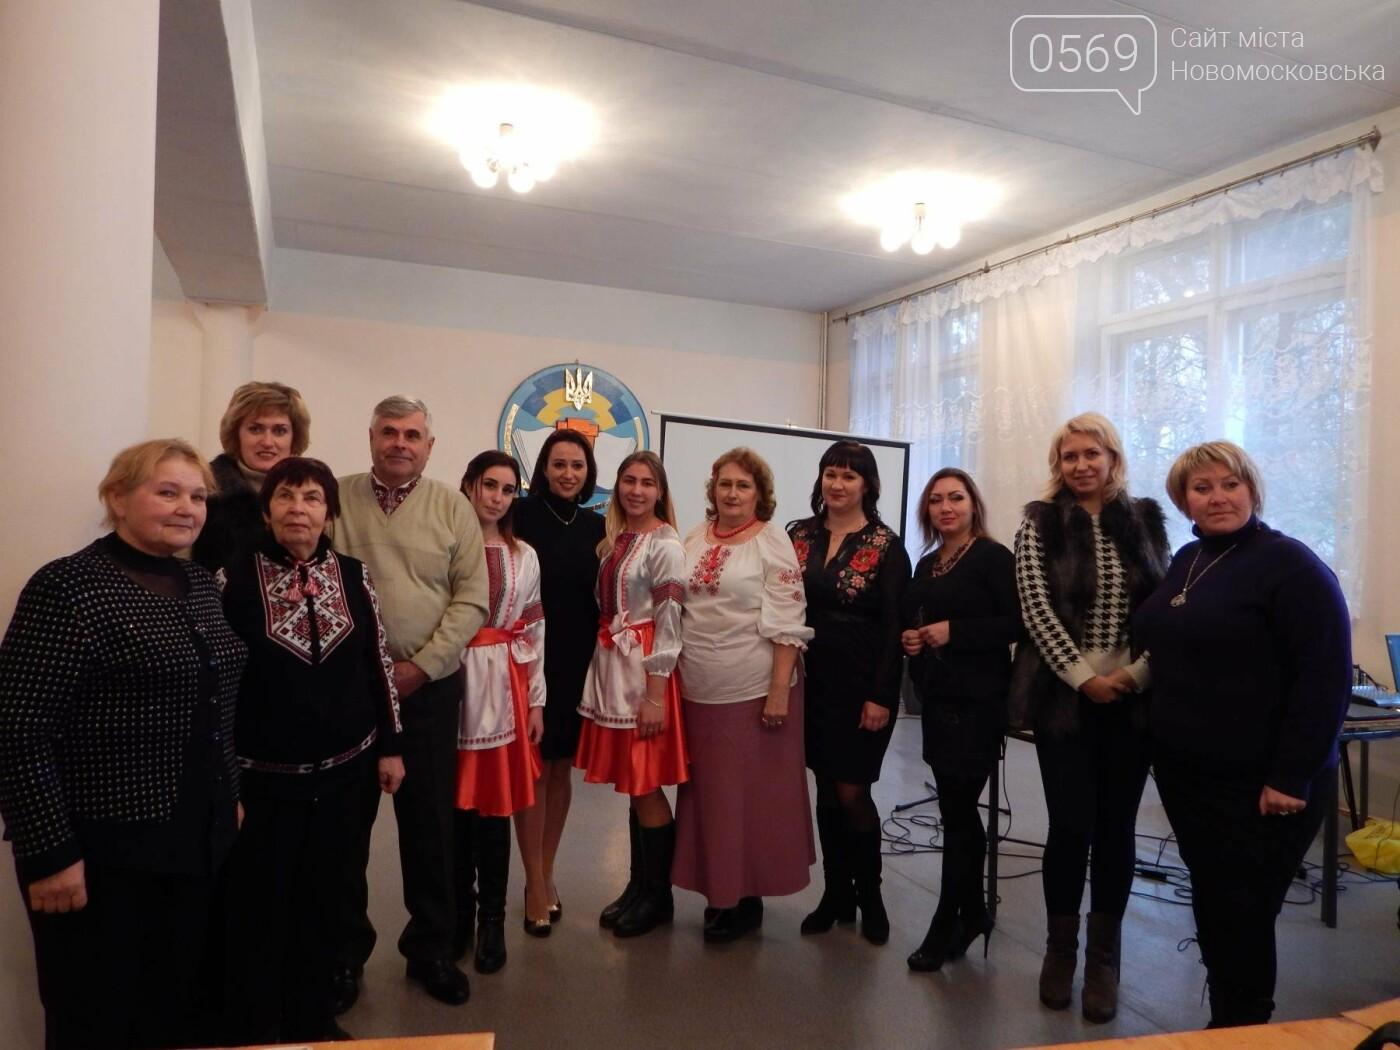 Новомосковські студенти відзначили День гідності та свободи, фото-4